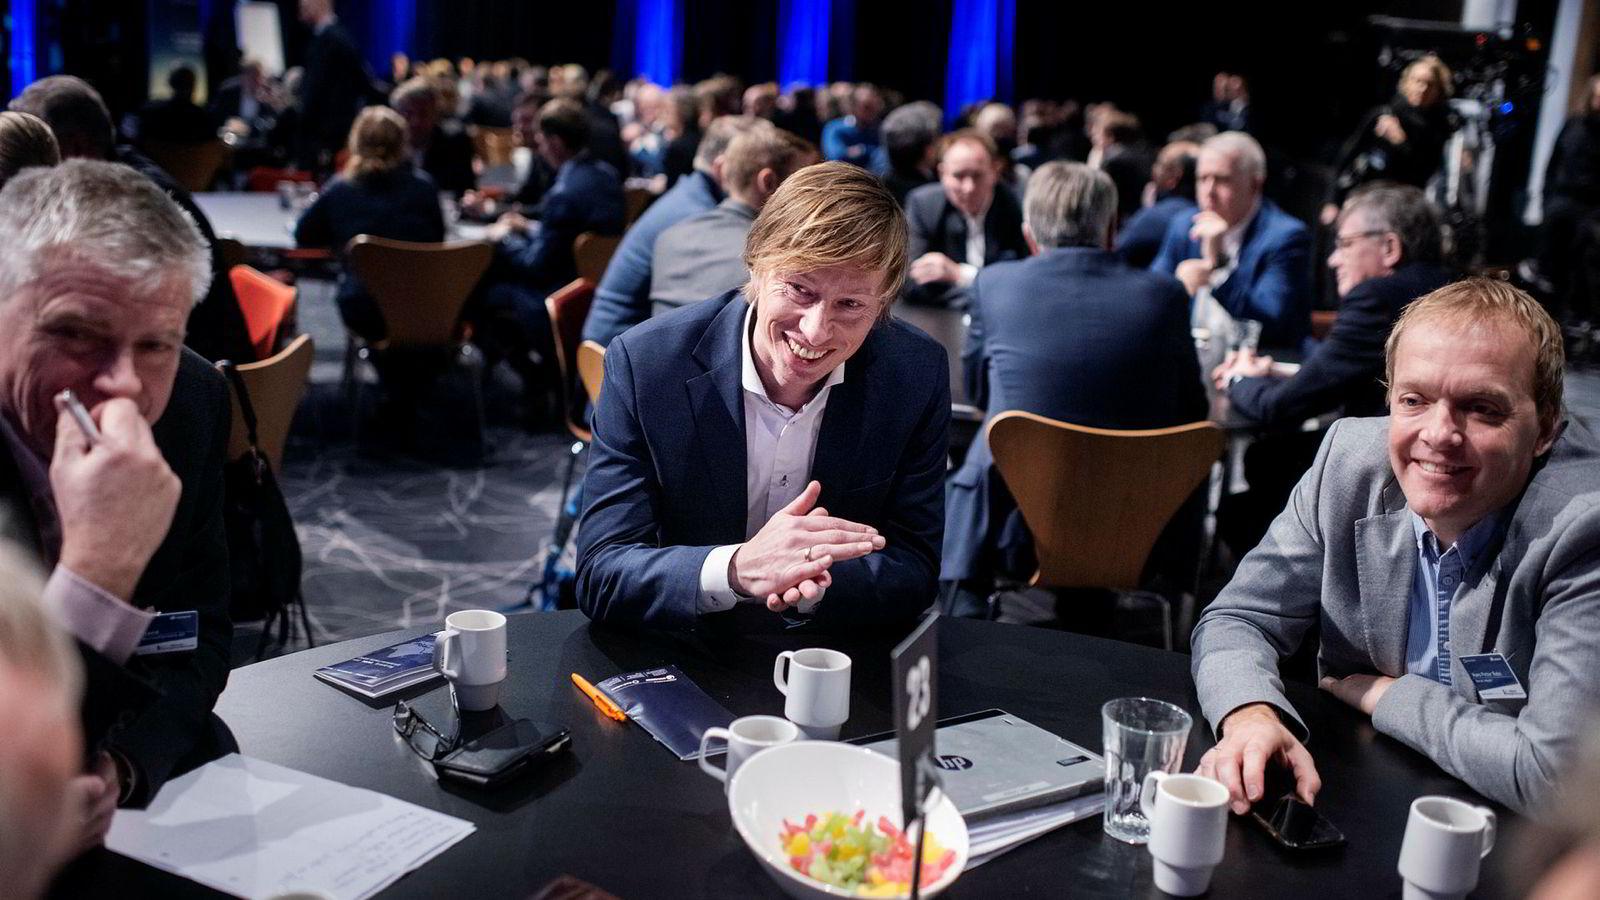 Markedsdirektør Knut Stefanussen i Axess sitter omgitt av øvrige deltagere på Offshore-strategikonferansen i Stavanger. Til venstre, fagsjef Knut Høiland ved Rosenberg Verft og til høyre Hans Petter Bøe Rebo, fagsjef i Norsk Industri.